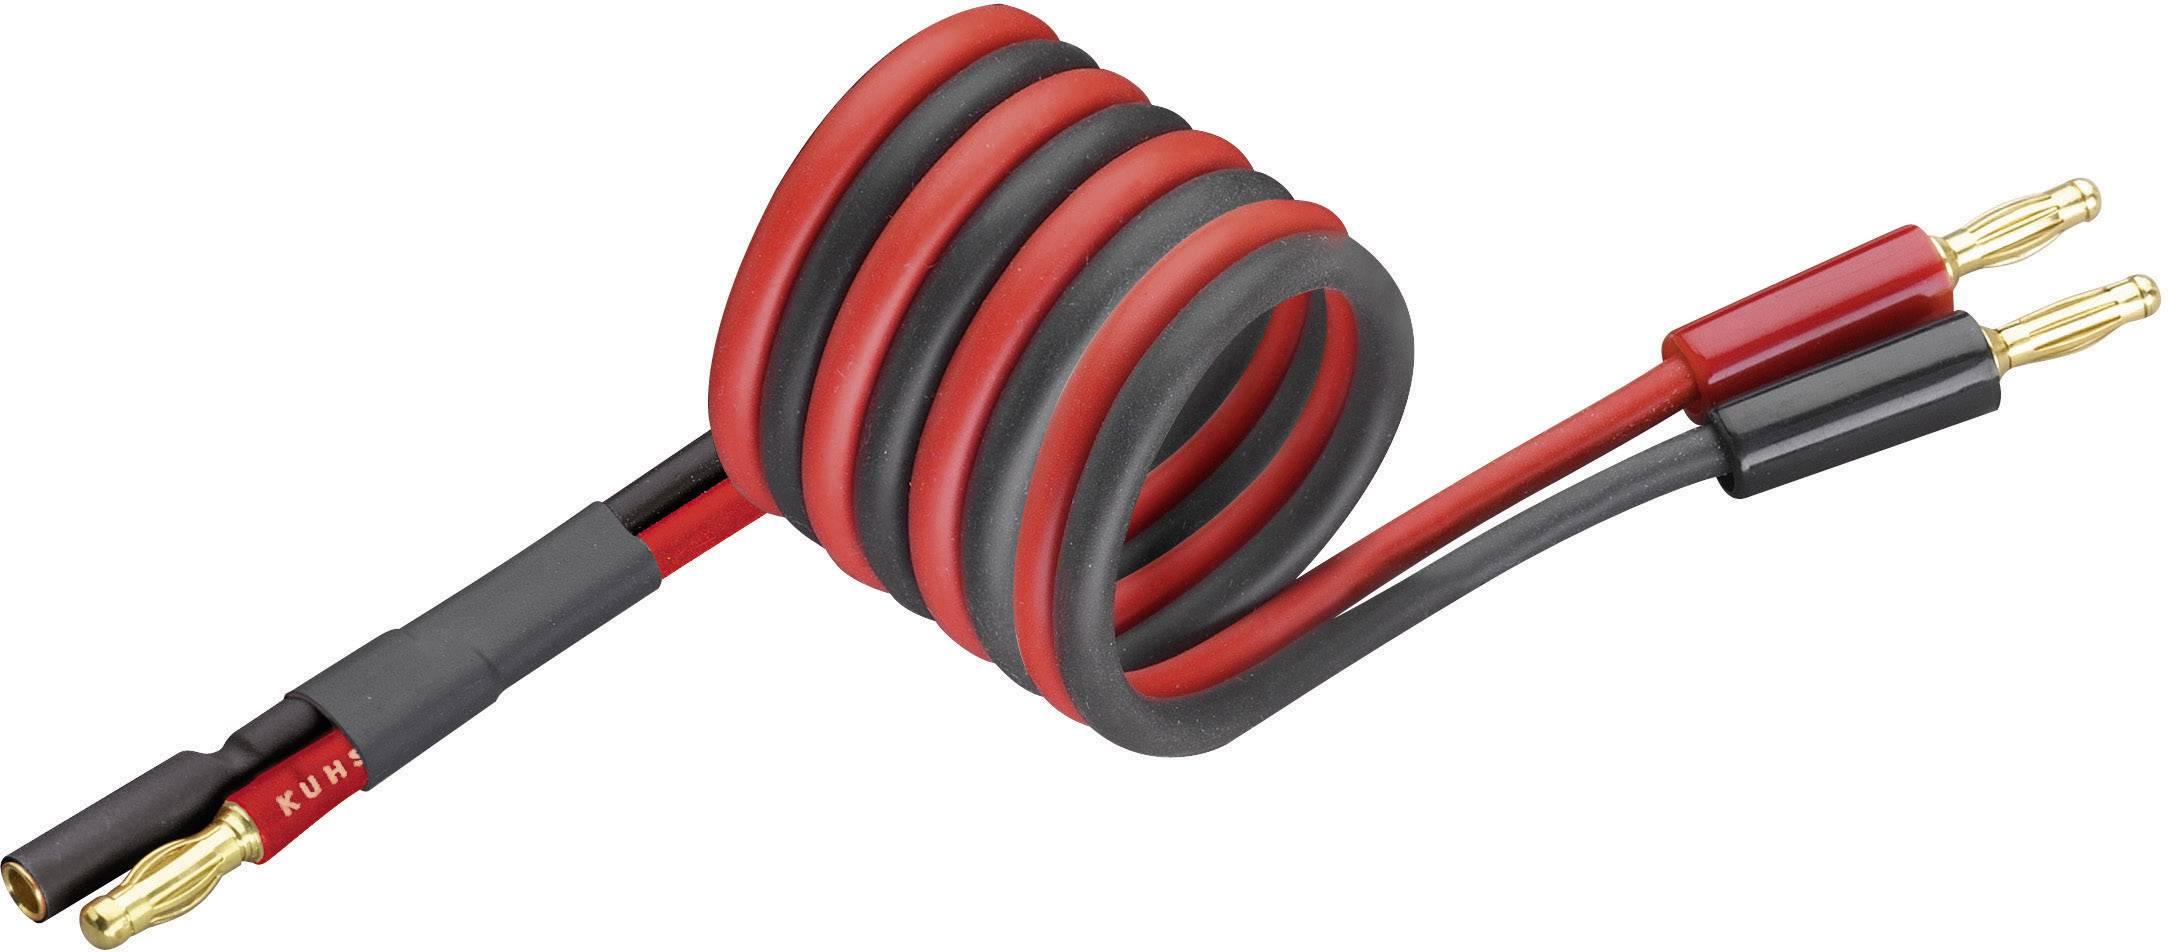 Nabíjací kábel Modelcraft 208366, 250 mm, 4 mm²